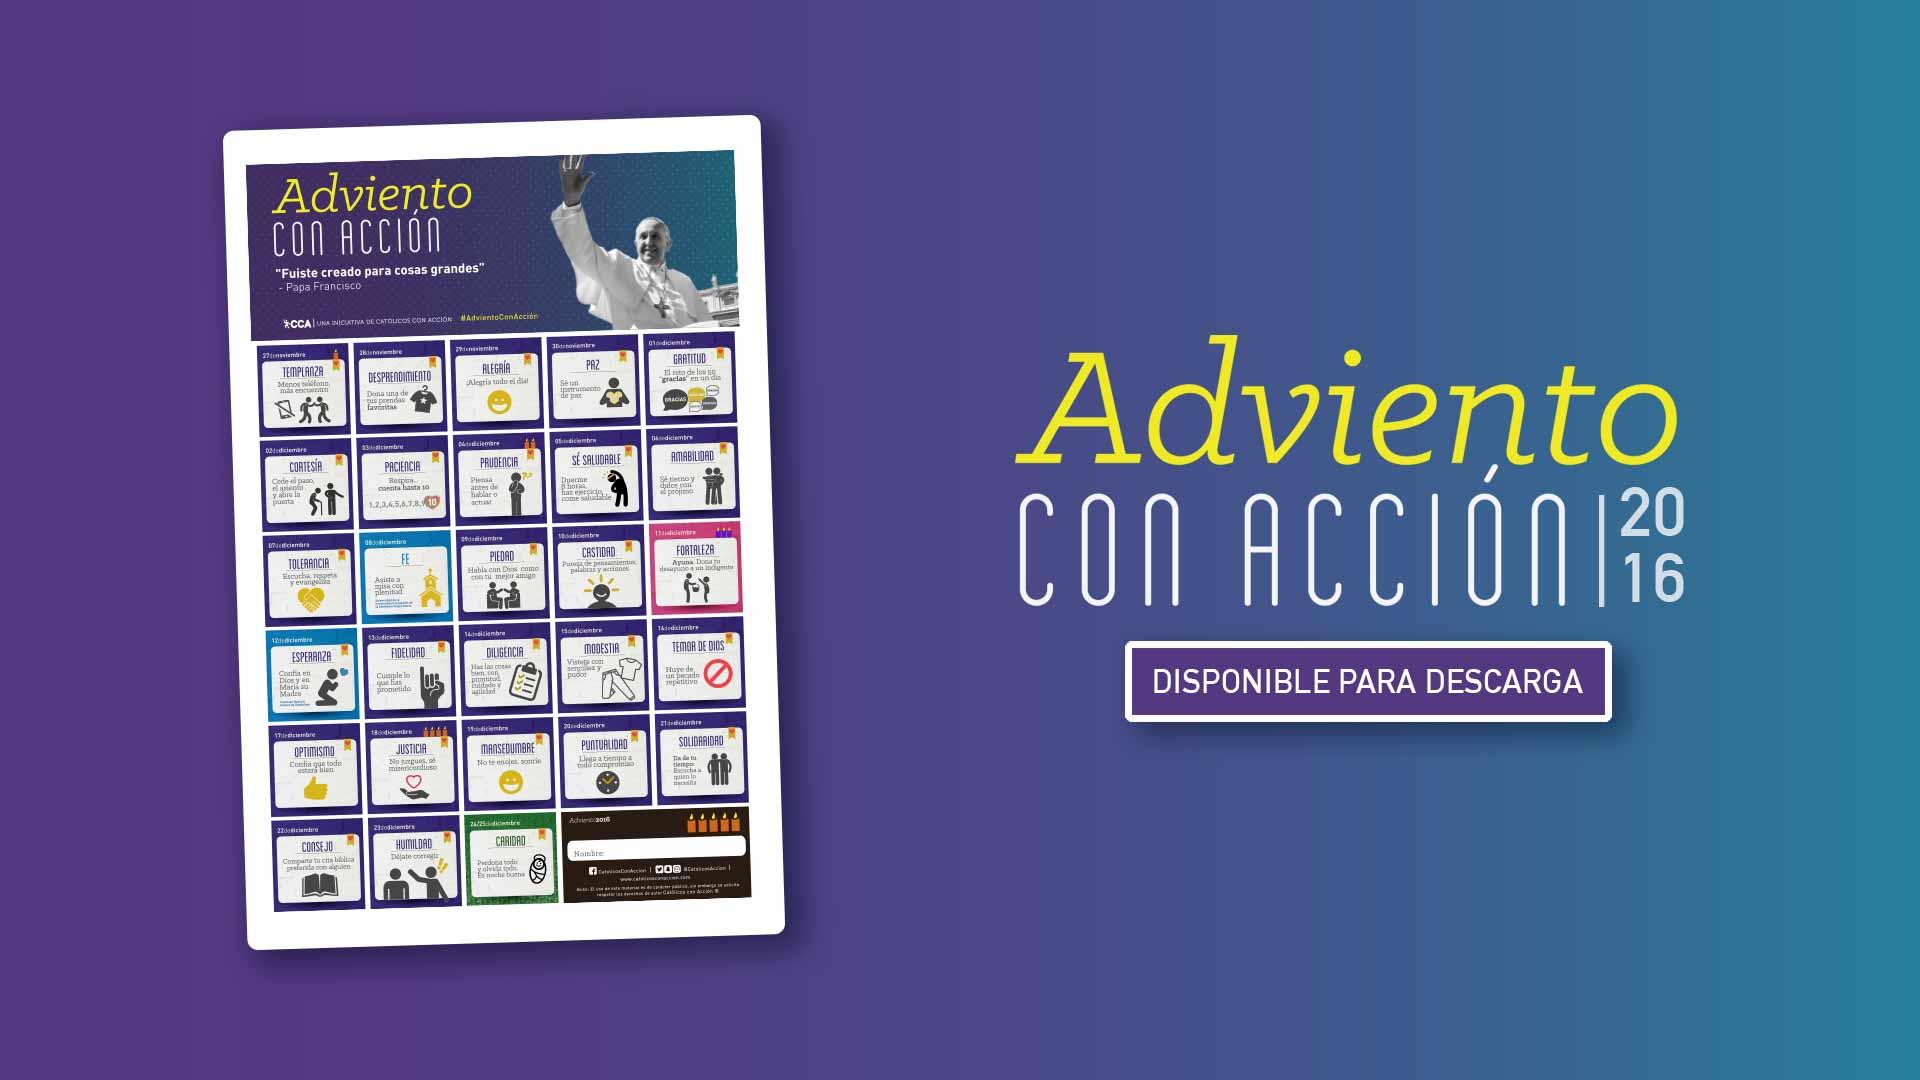 Calendario de Adviento con Acción 2016 – 28 días, 28 desafíos